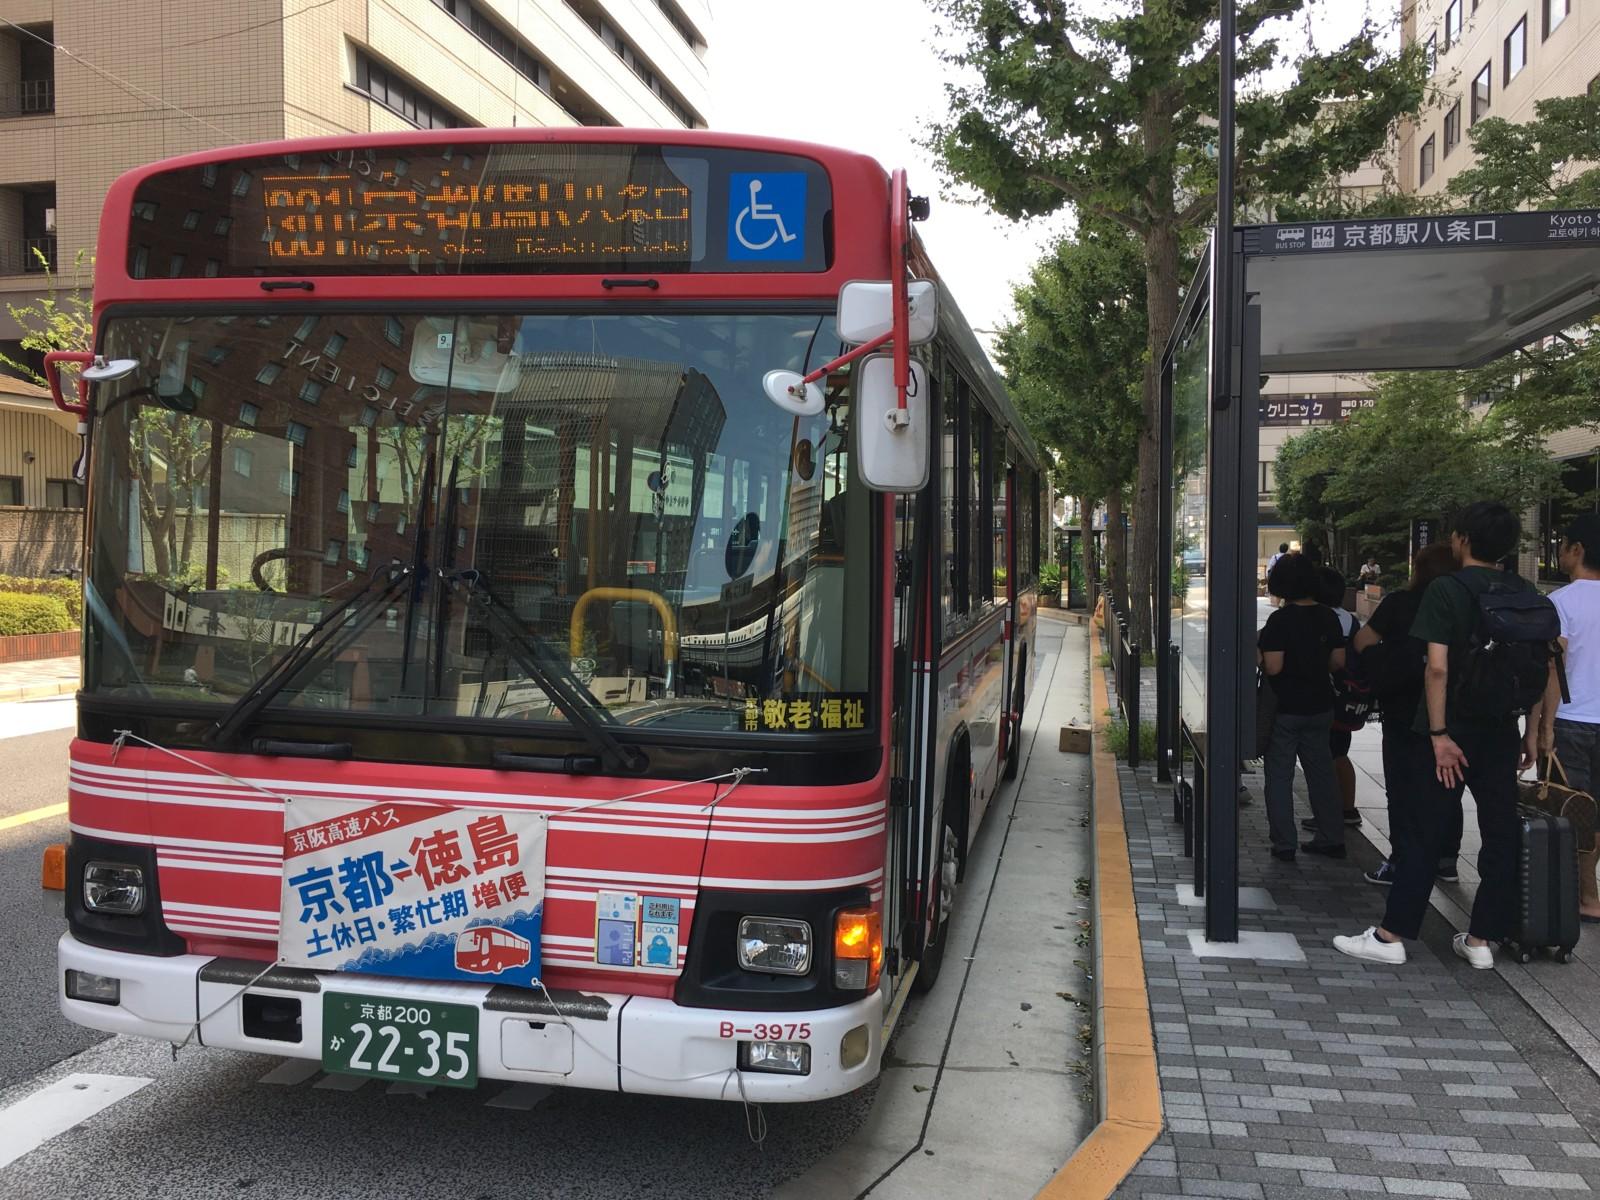 京阪バス「京都醍醐寺ライン」